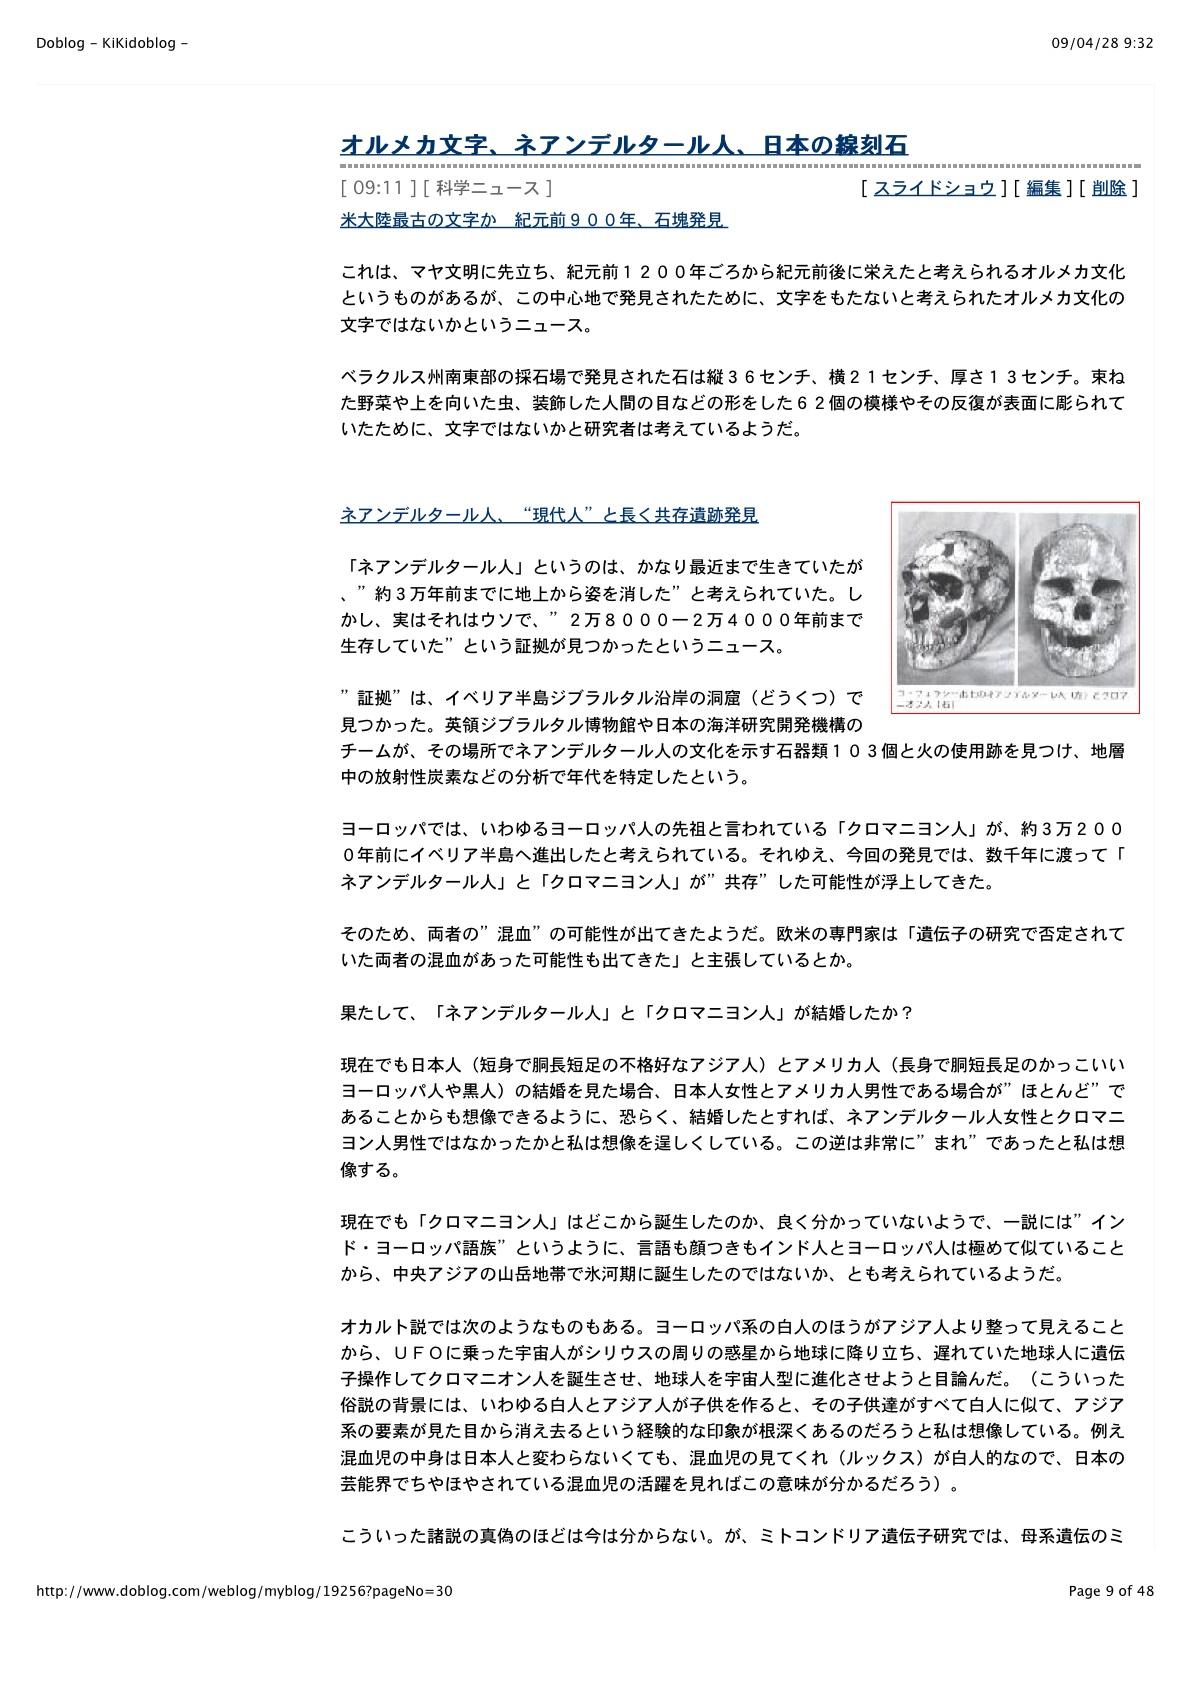 """ネアンデルタール人の""""謎"""":ますます混迷を深める_e0171614_11362445.jpg"""